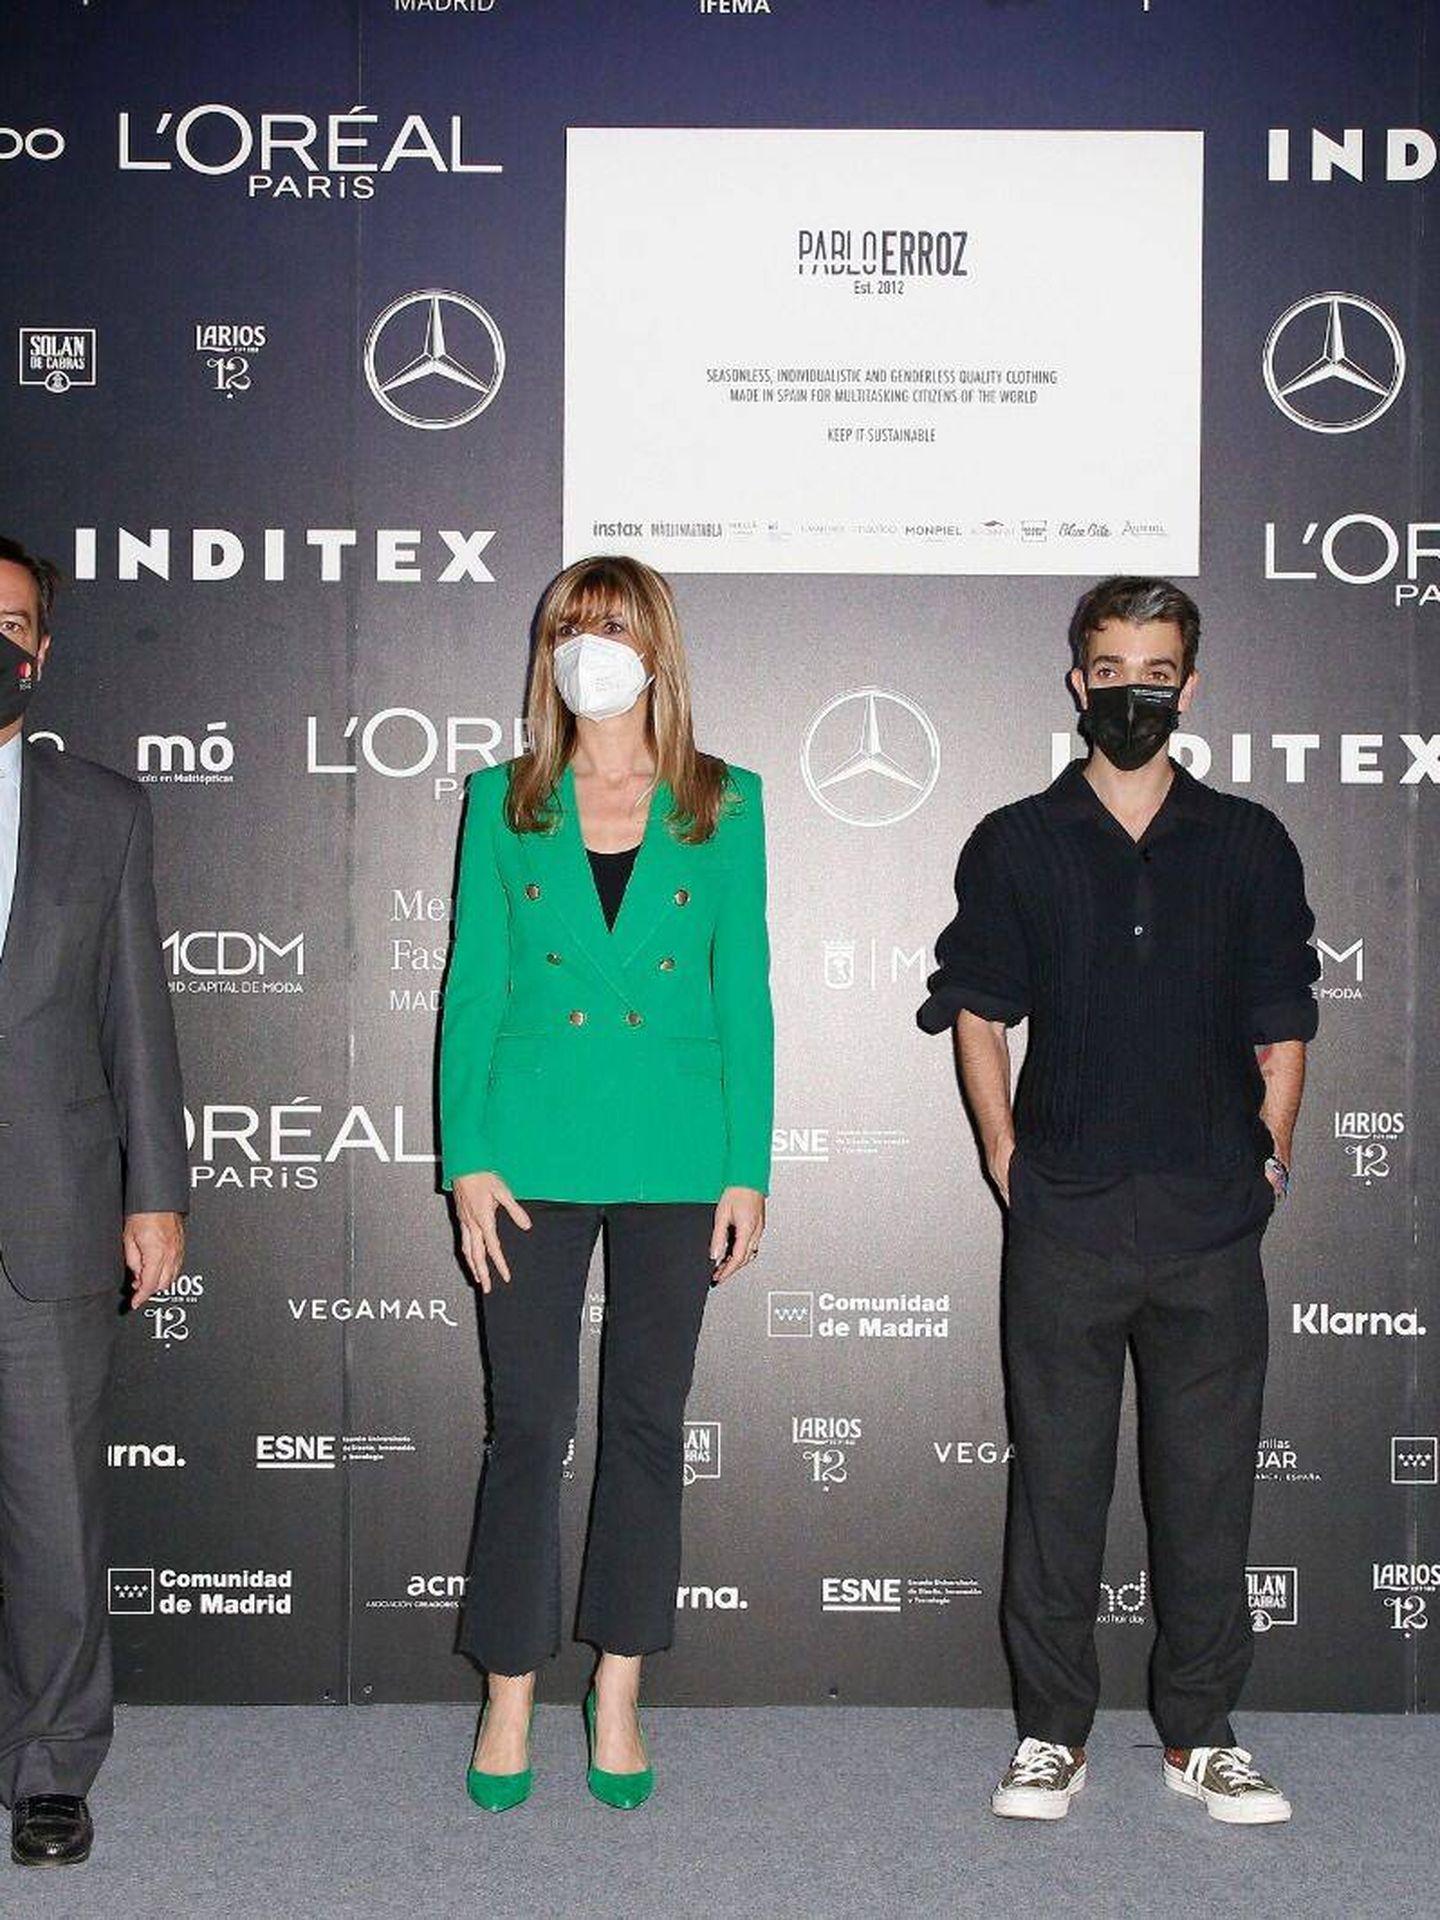 Begoña Gómez posa junto al diseñador Pablo Erroz. (Cortesía)